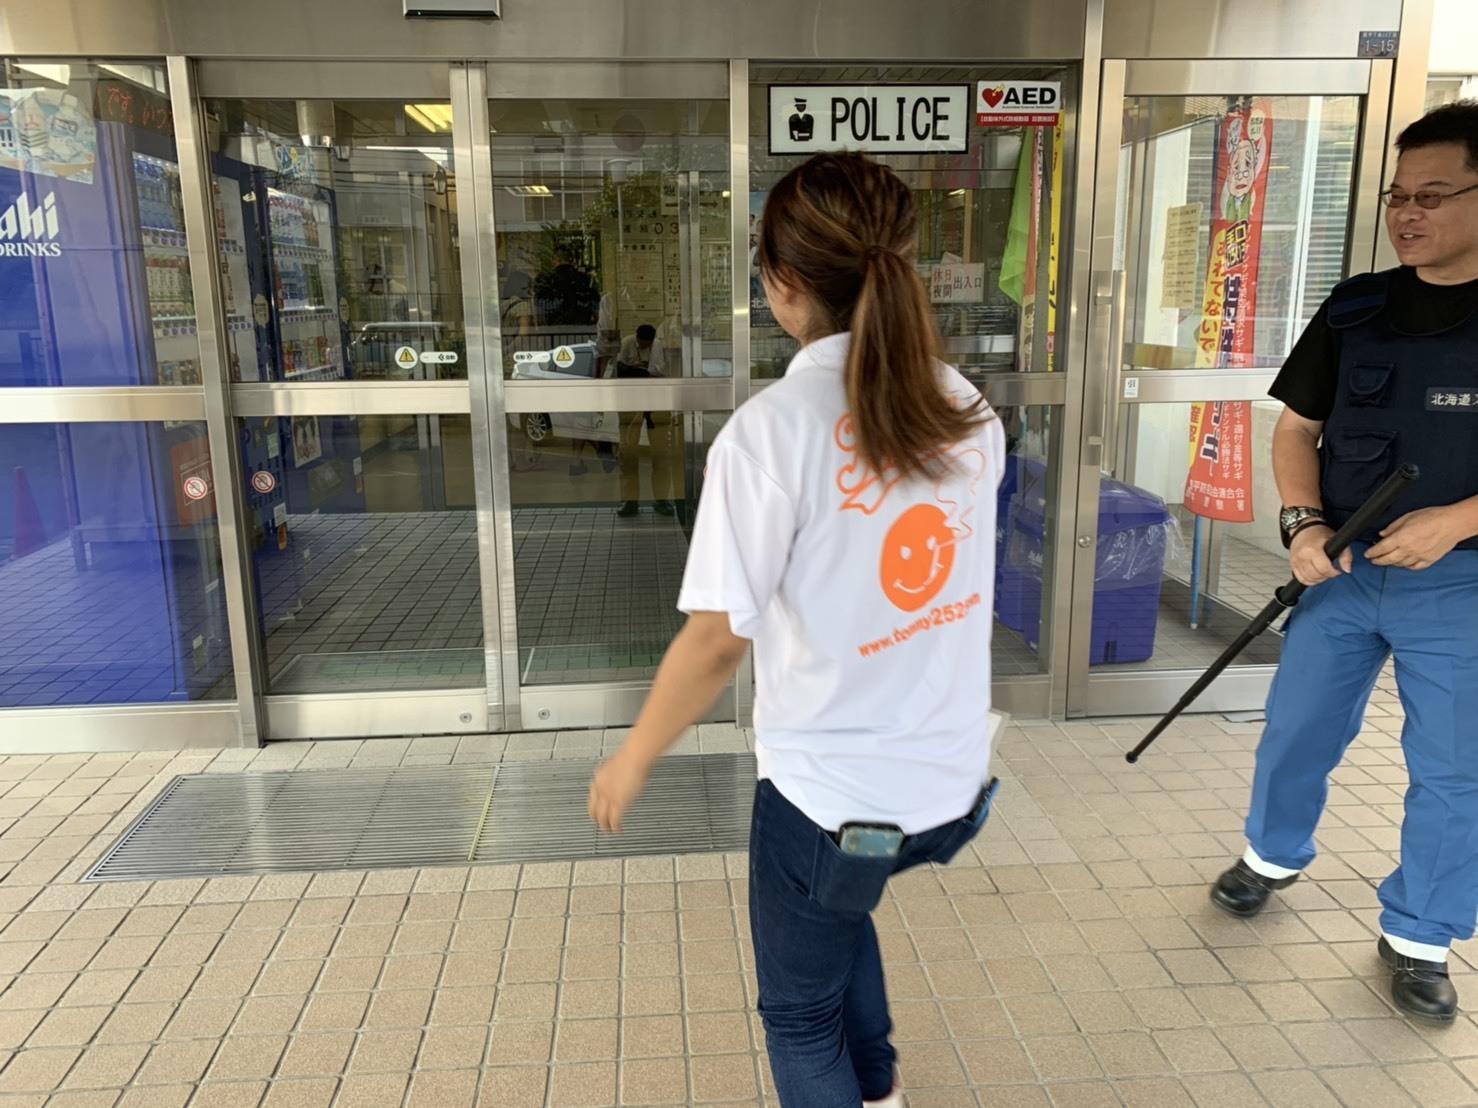 8月6日(火)本店ブログ♪ タントカスタムX ありますよおおお ランクル ハマー アルファード♪ _b0127002_20113953.jpg